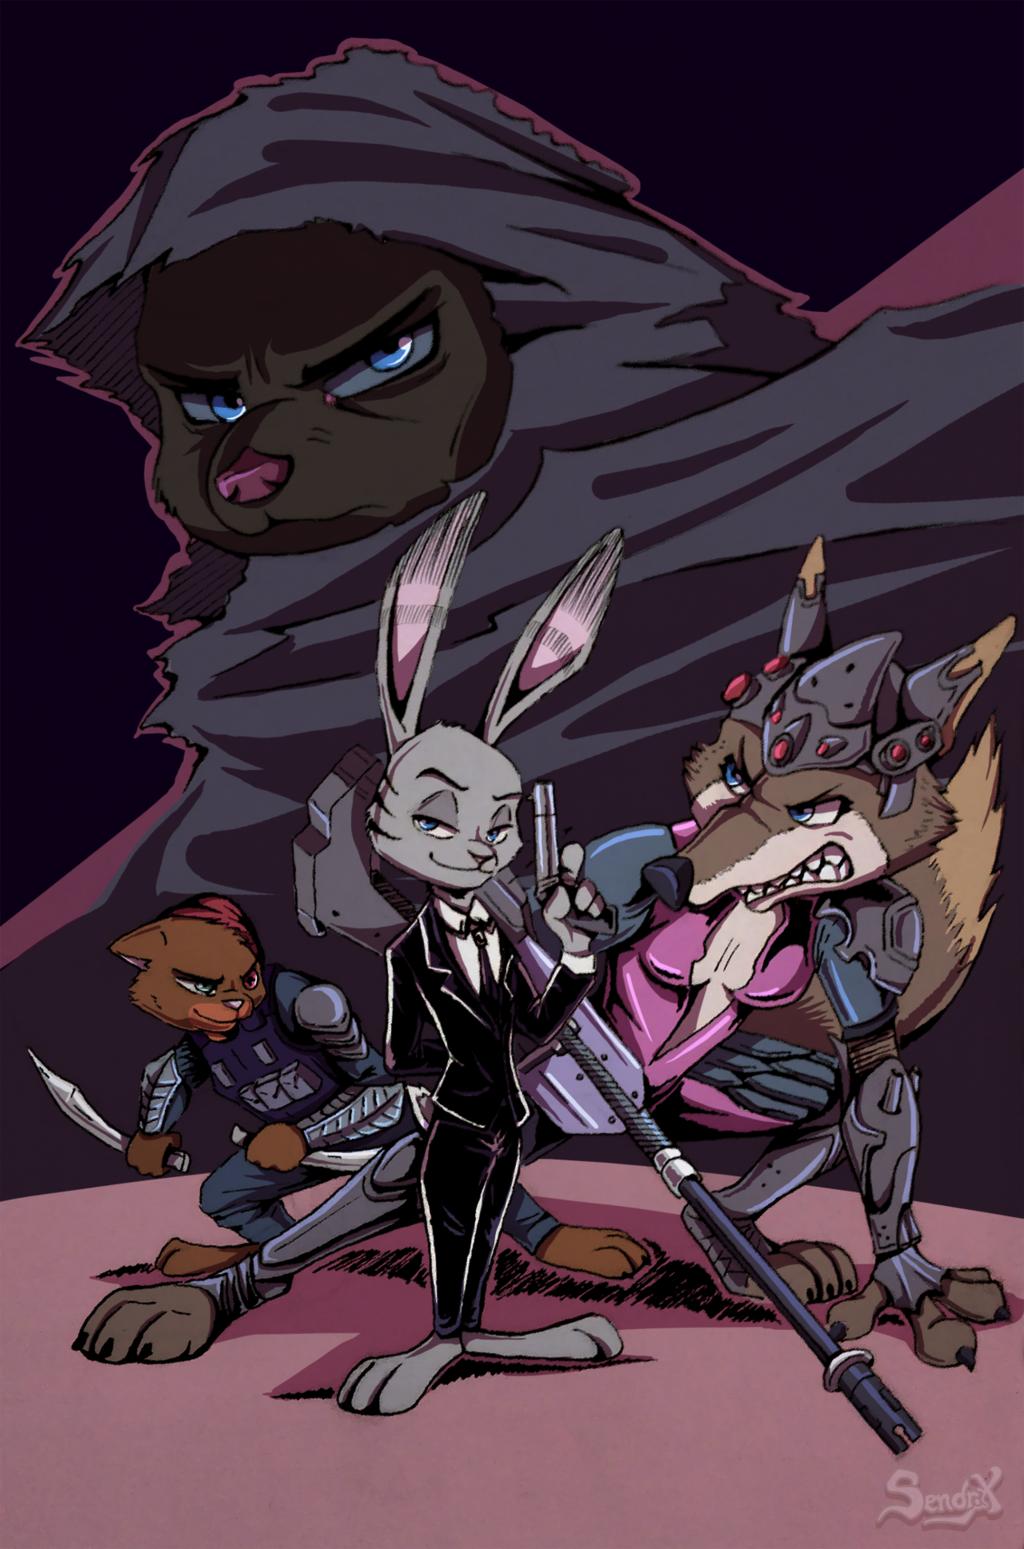 Agents of Rosco - By Sendraxmon